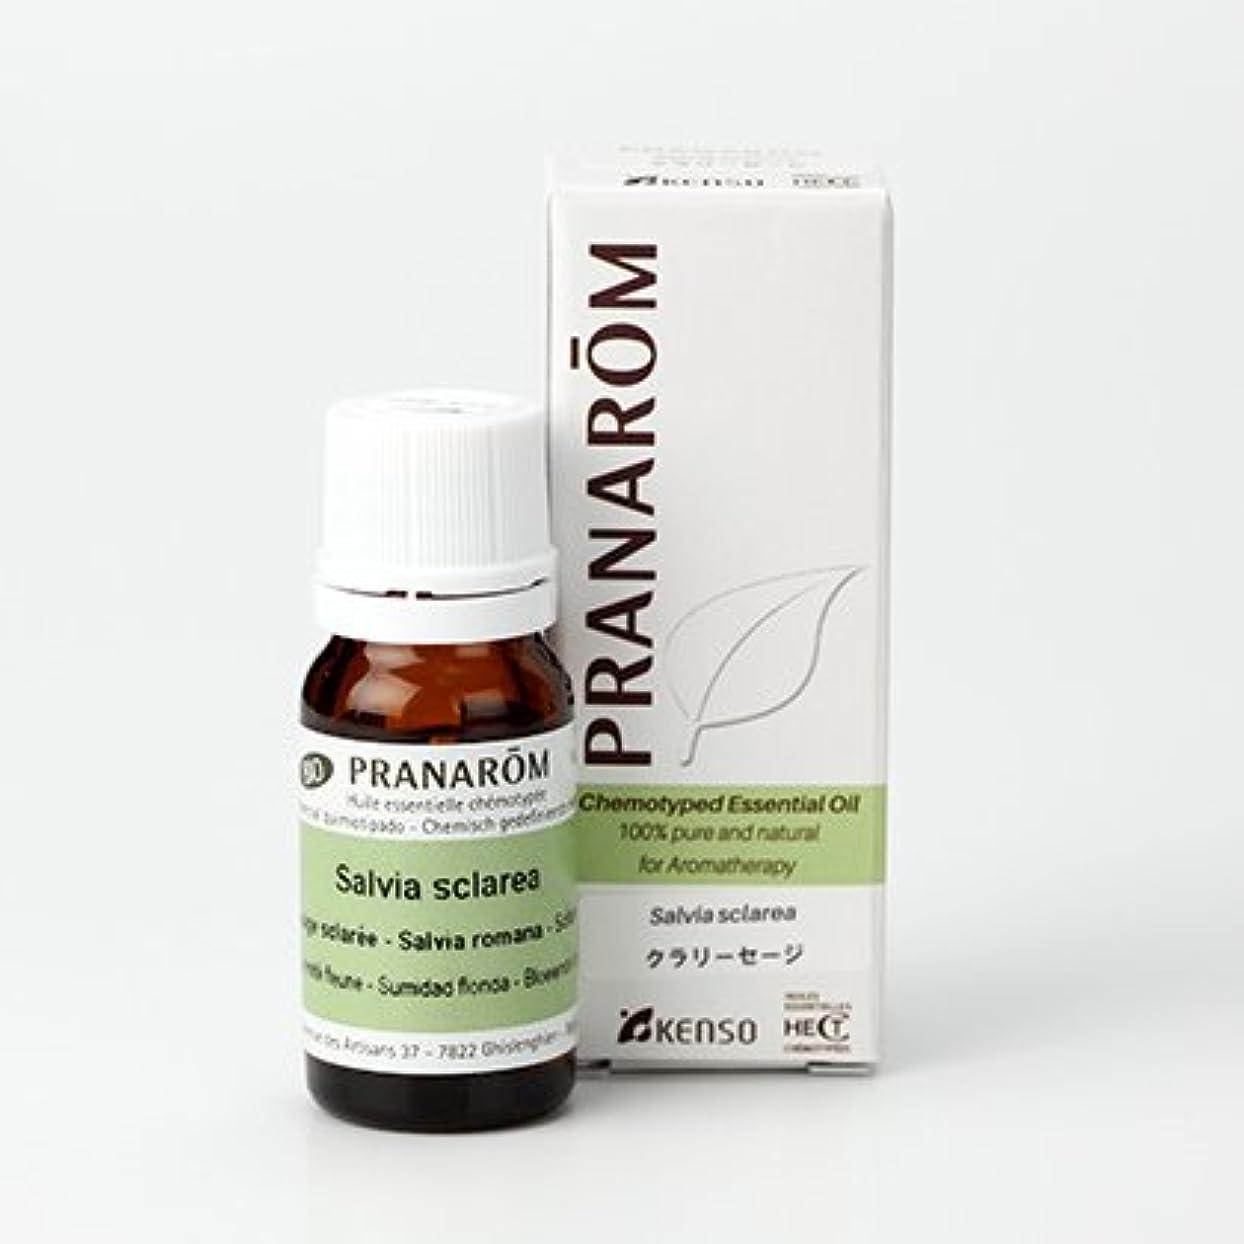 ポスト印象派プレフィックス癌クラリーセージ 10mlミドルノート プラナロム社エッセンシャルオイル(精油)